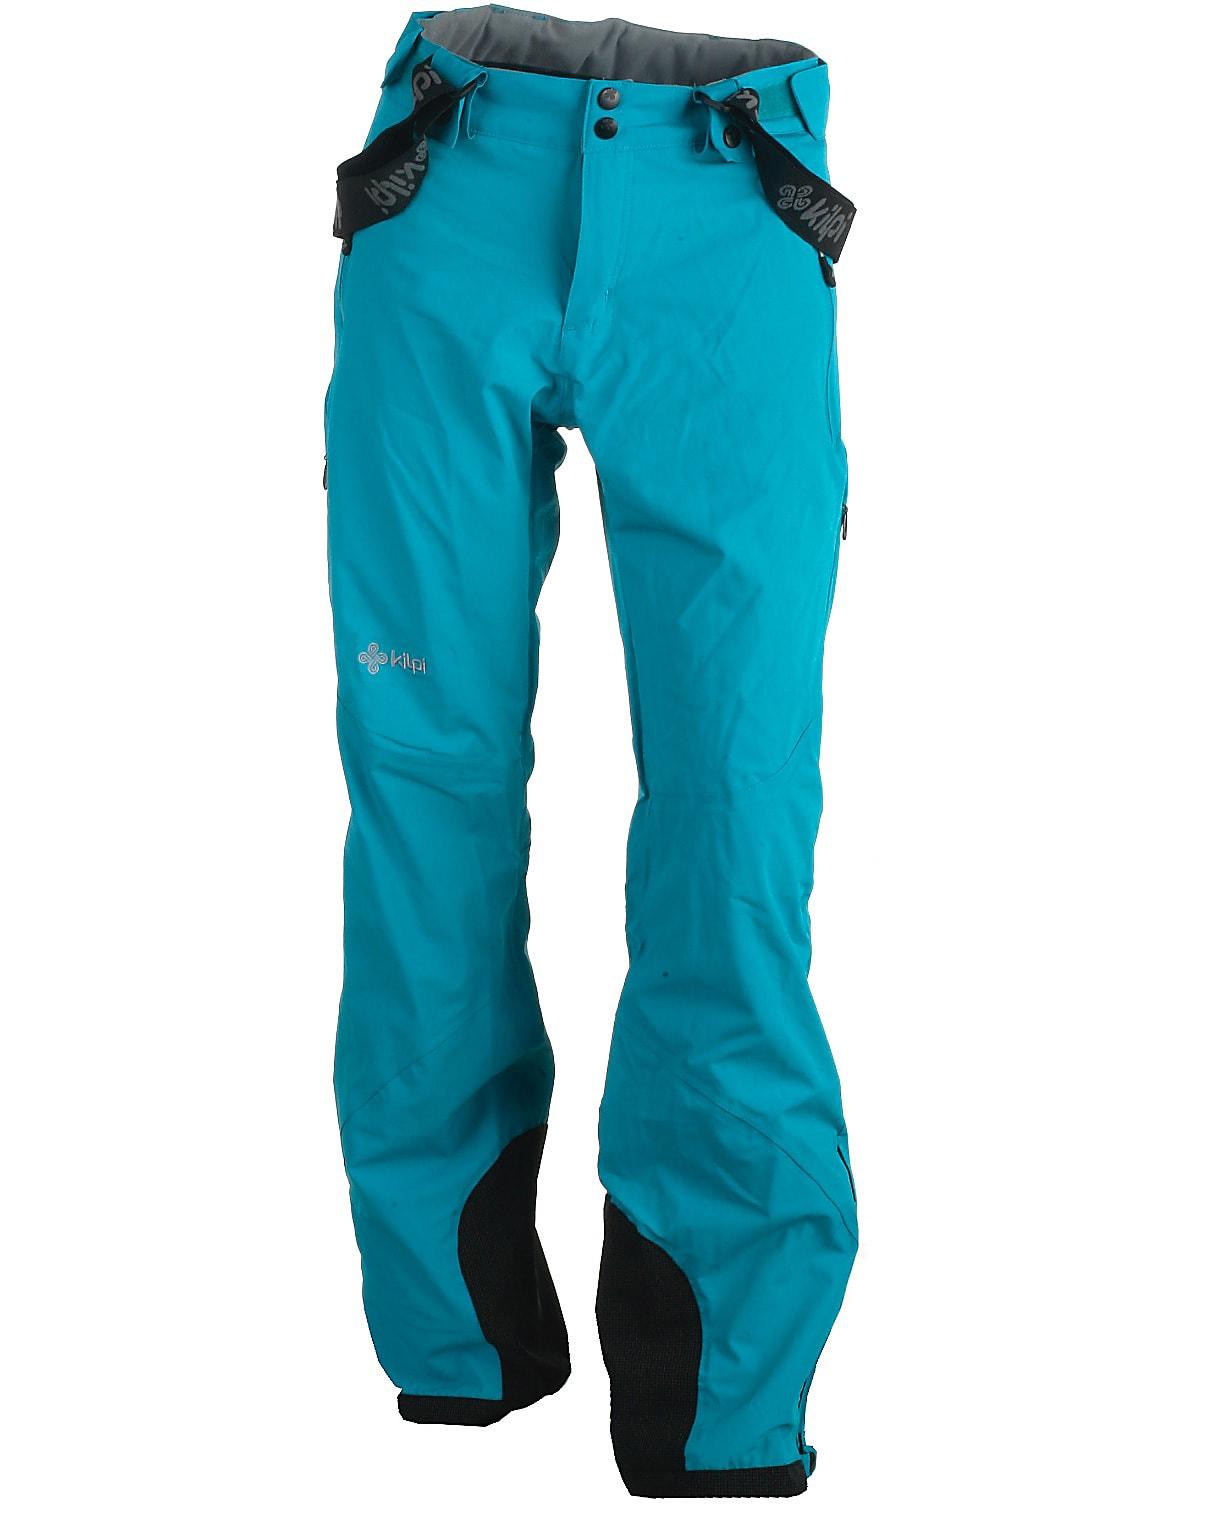 Kilpi ski bukser 20.000 mm vandsøjle, Europa, Turkis